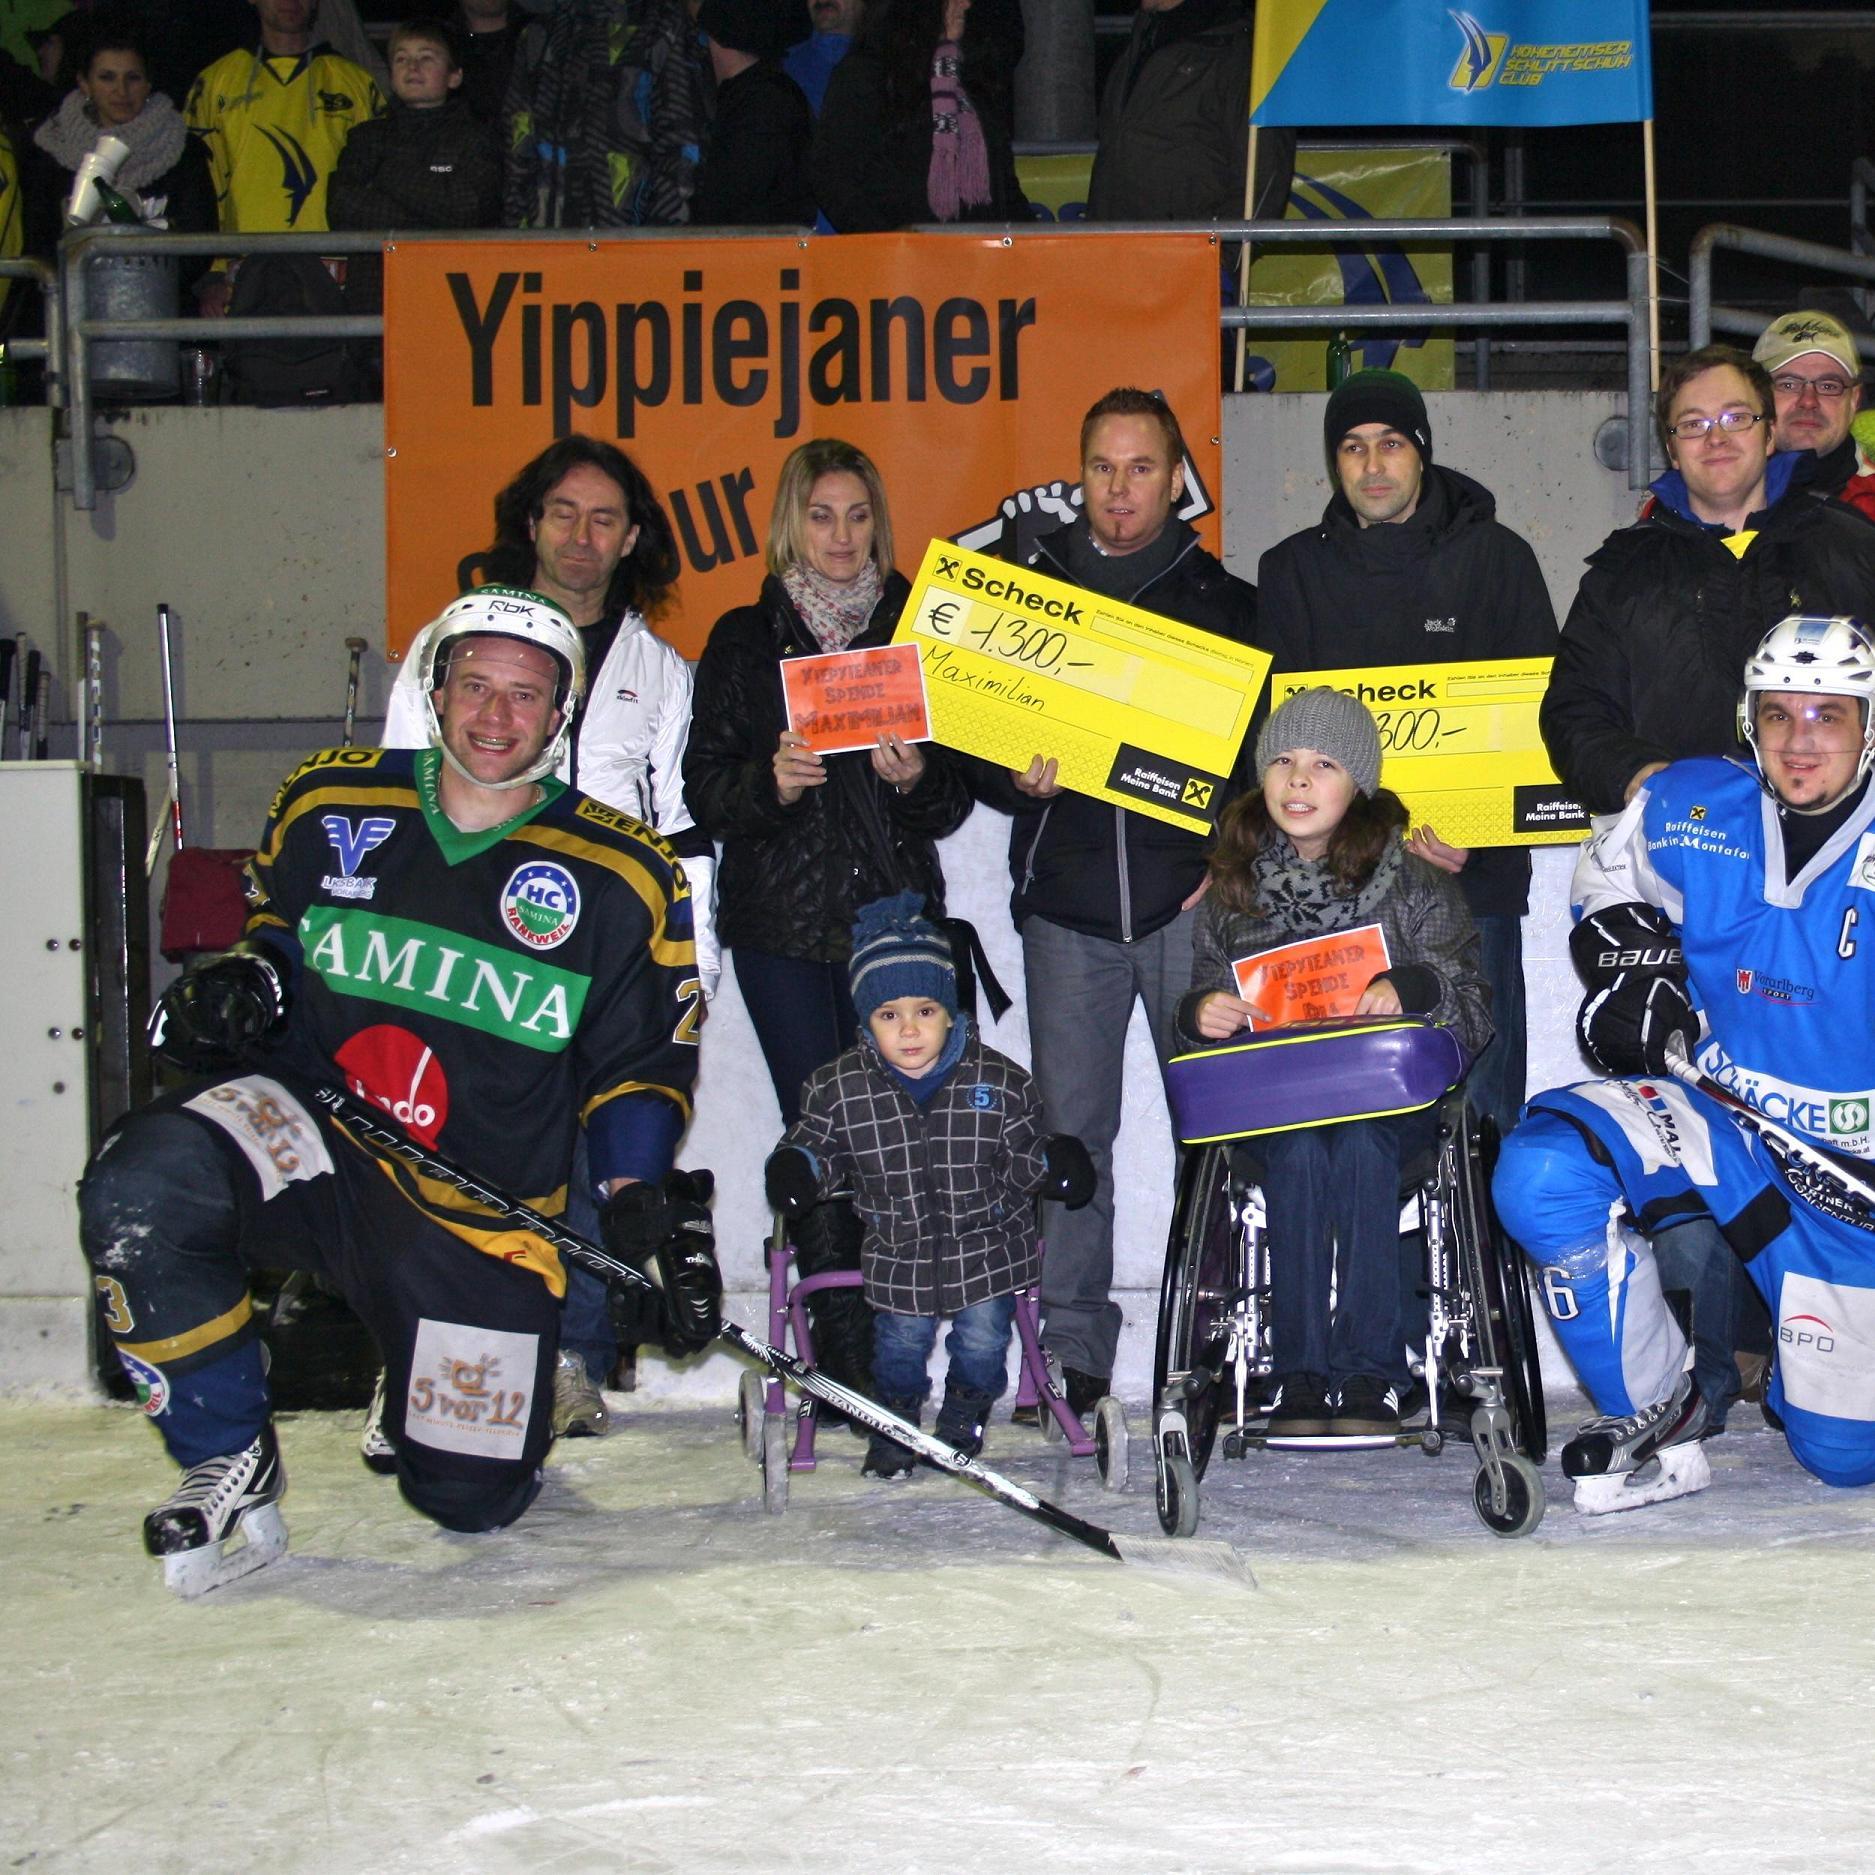 CUP-FINALE: Eishockeyfest der besonderen Art!